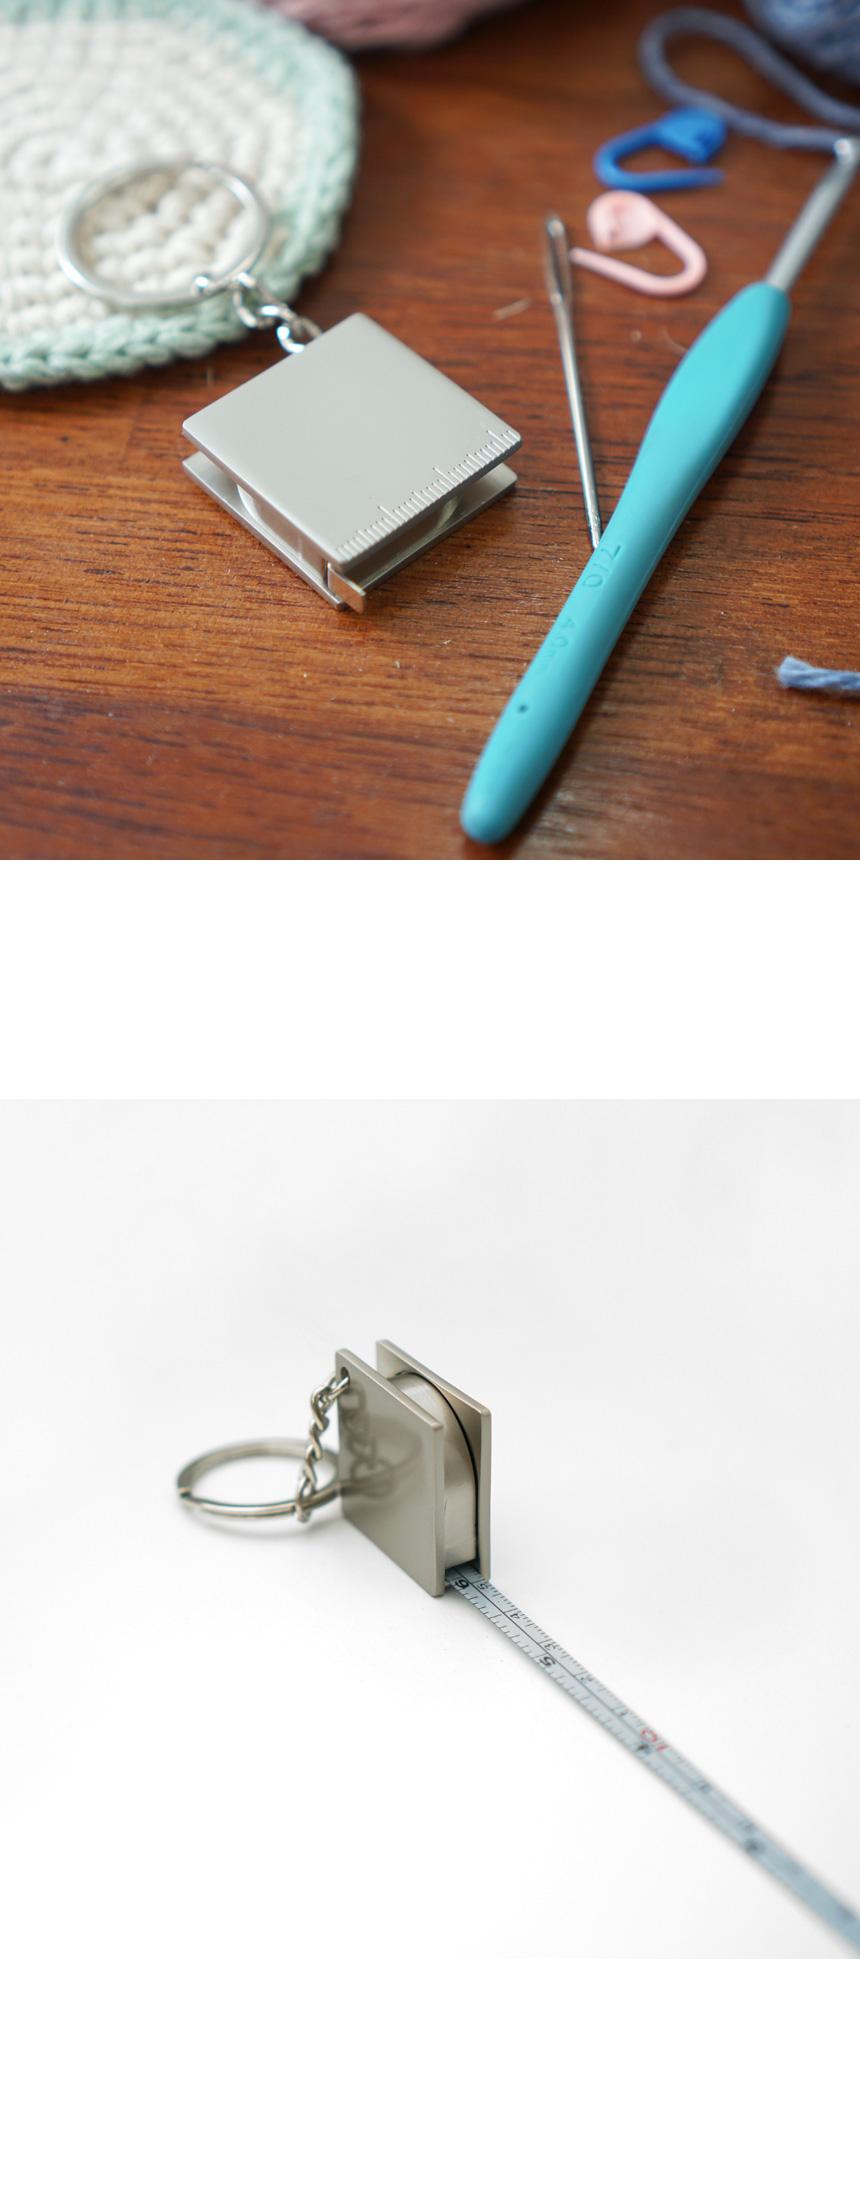 심플한 미니 금속 줄자 (inch+ cm)19,500원-슬로우모먼츠키덜트/취미, 핸드메이드/DIY, 뜨개질, 코바늘/보조바늘바보사랑심플한 미니 금속 줄자 (inch+ cm)19,500원-슬로우모먼츠키덜트/취미, 핸드메이드/DIY, 뜨개질, 코바늘/보조바늘바보사랑